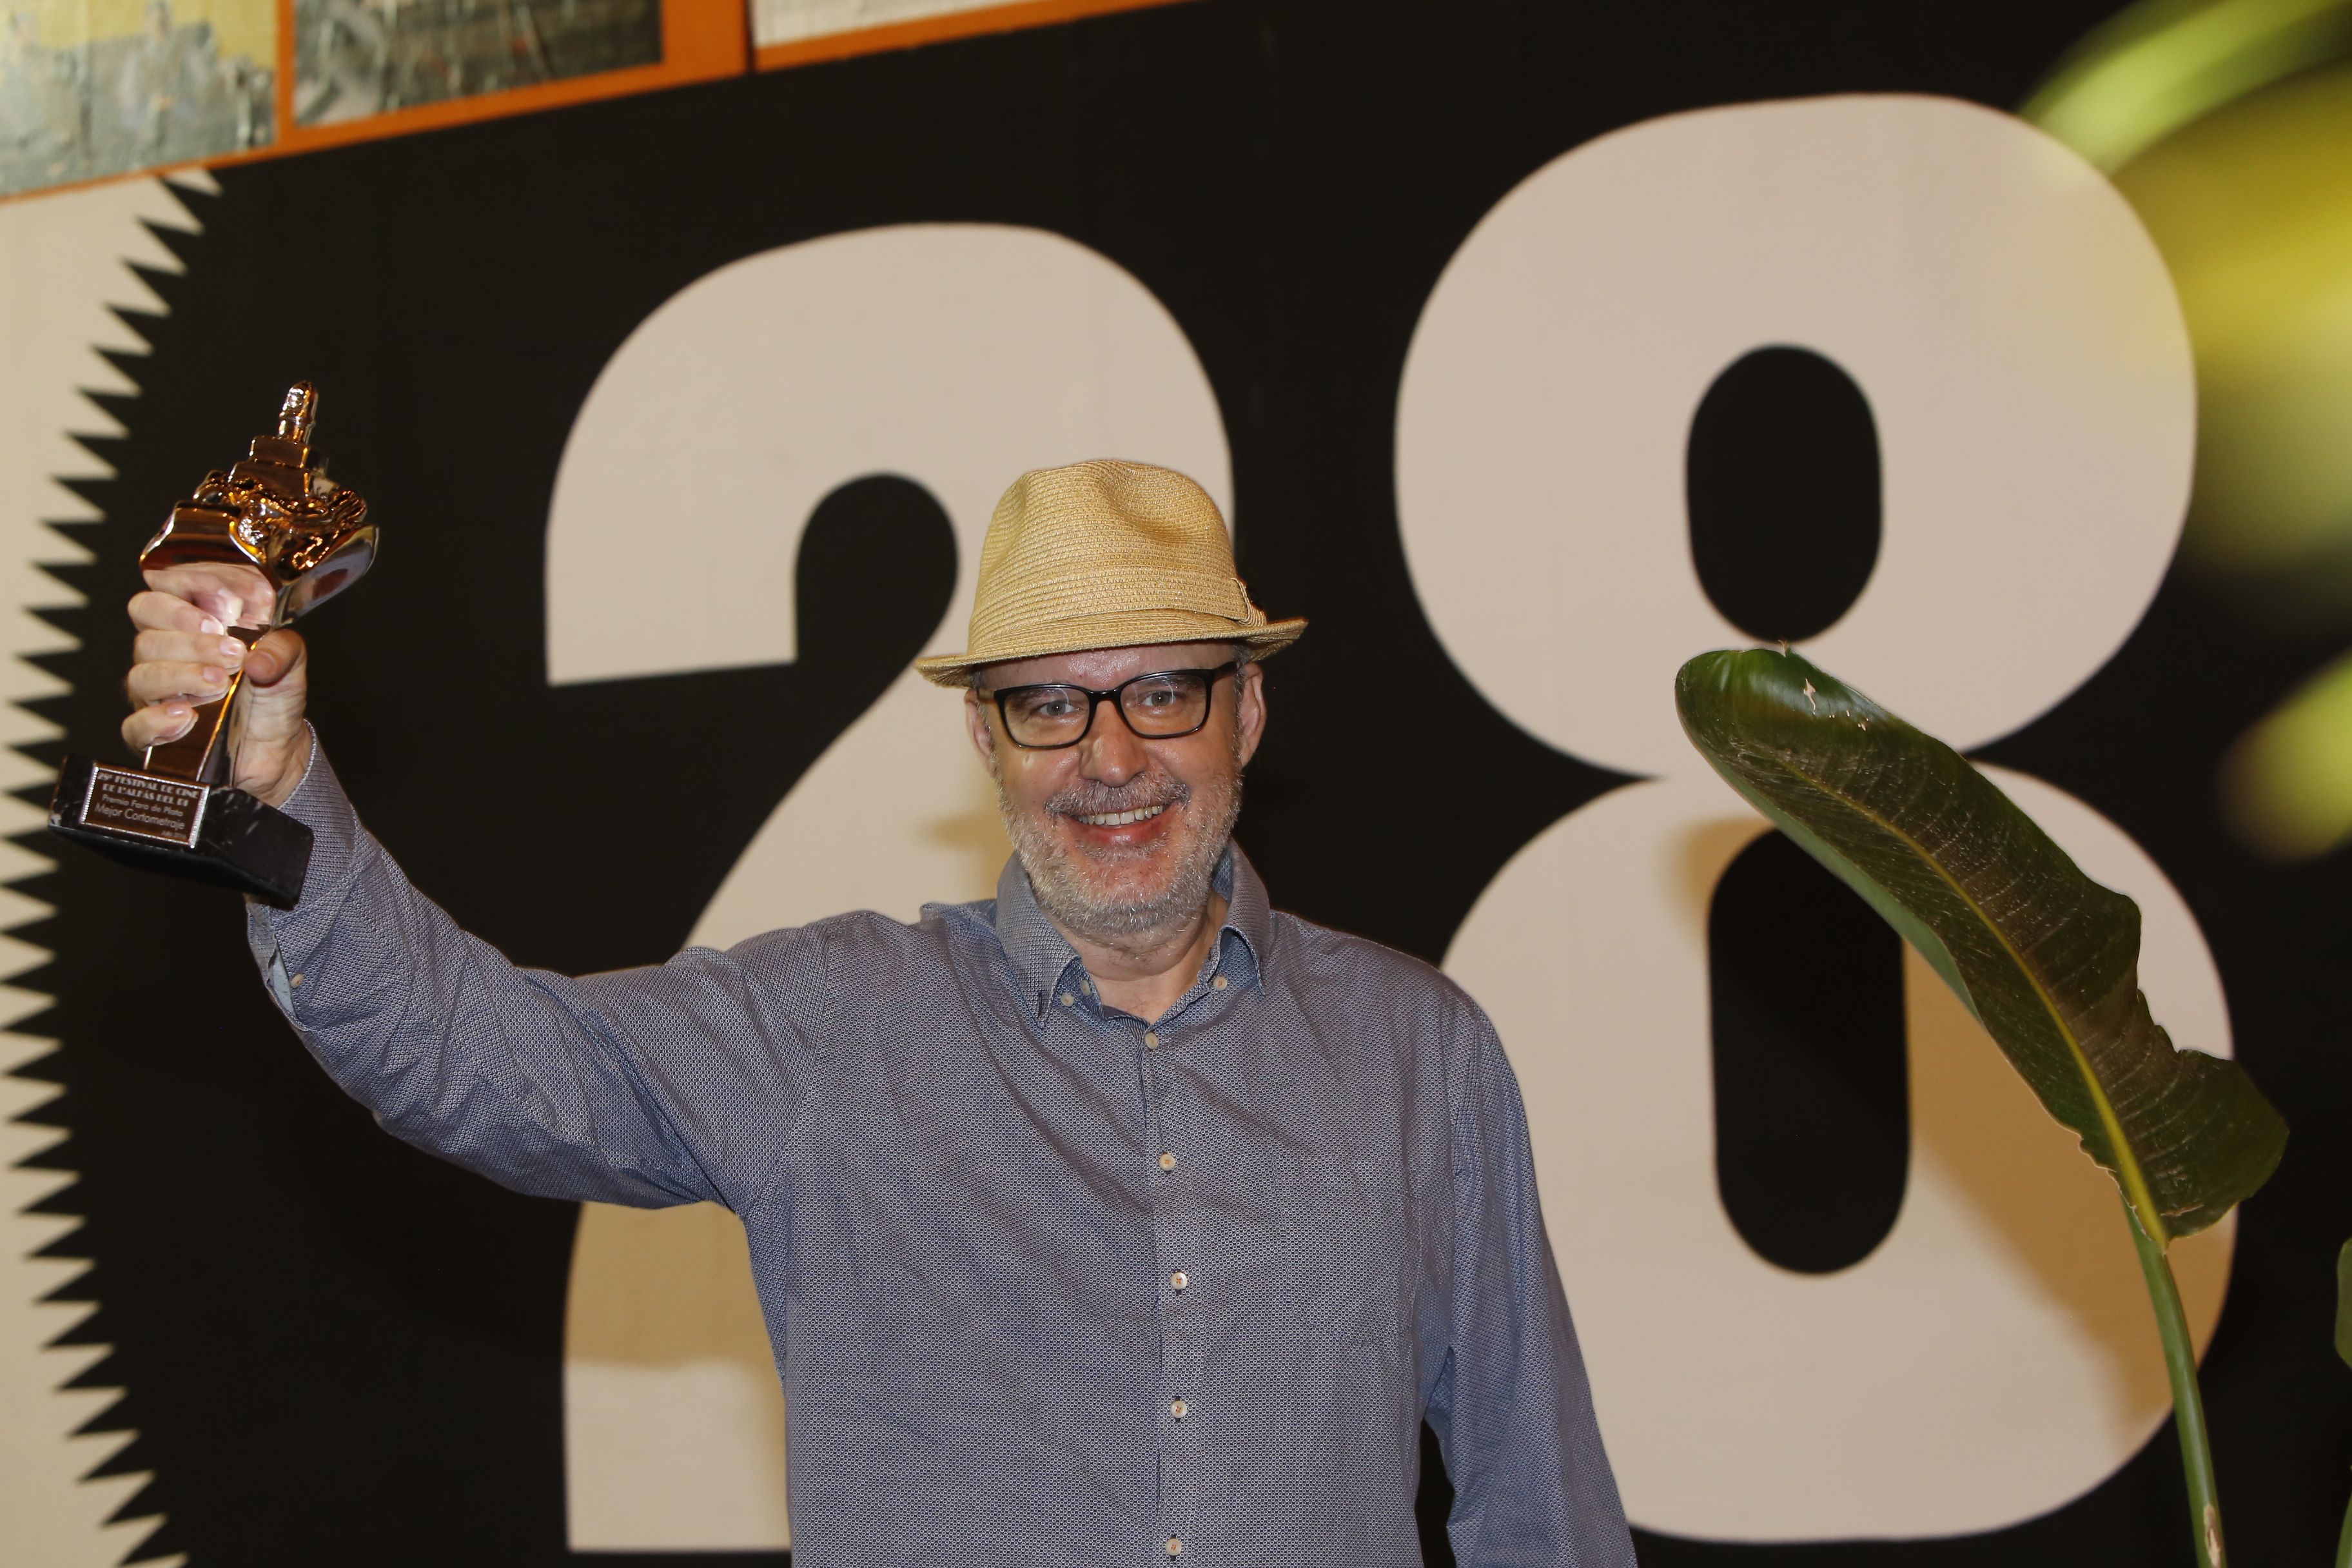 El Festival de Cine de l'Alfàs premia por primera vez a uno de los cortos candidatos al Oscar